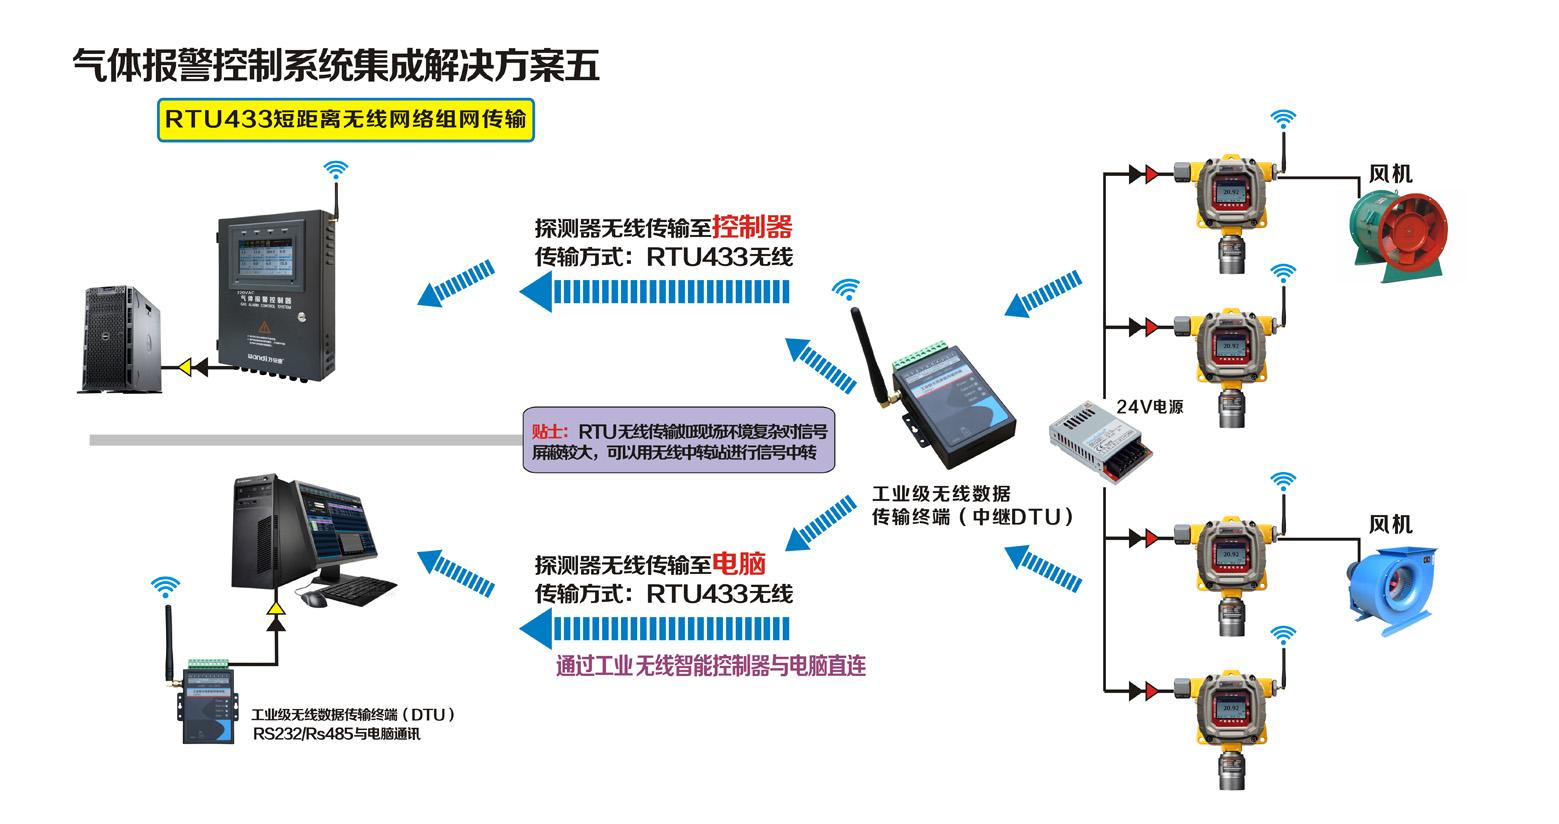 探测器RTU433短距离无线组网传输联网方案